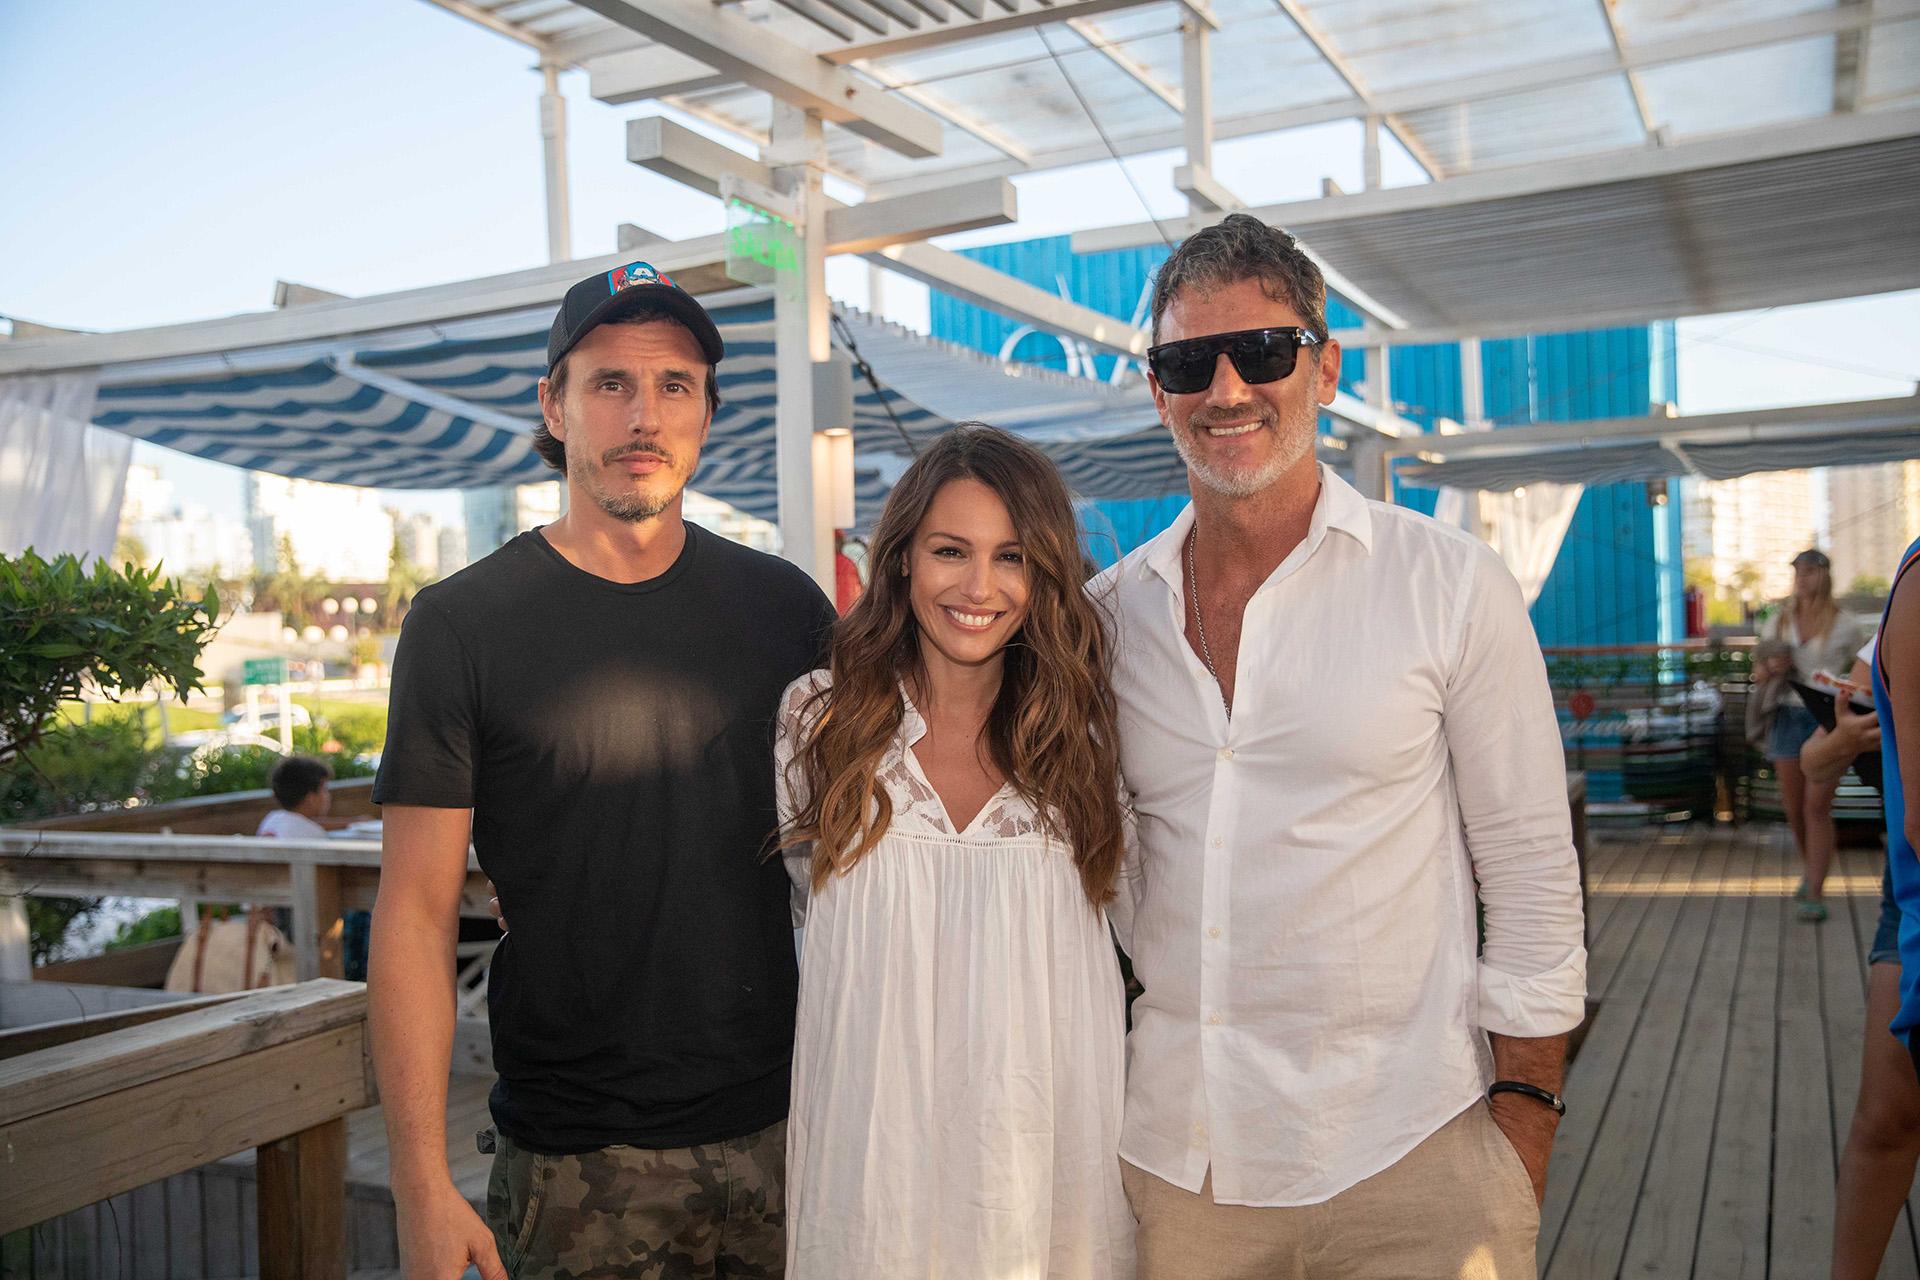 Luego de la producción fotográfica, Pampita y Moritán disfrutaron de las instalaciones de Ovo Beach junto a Leo Mateu (Fotos: Ovo Beach)